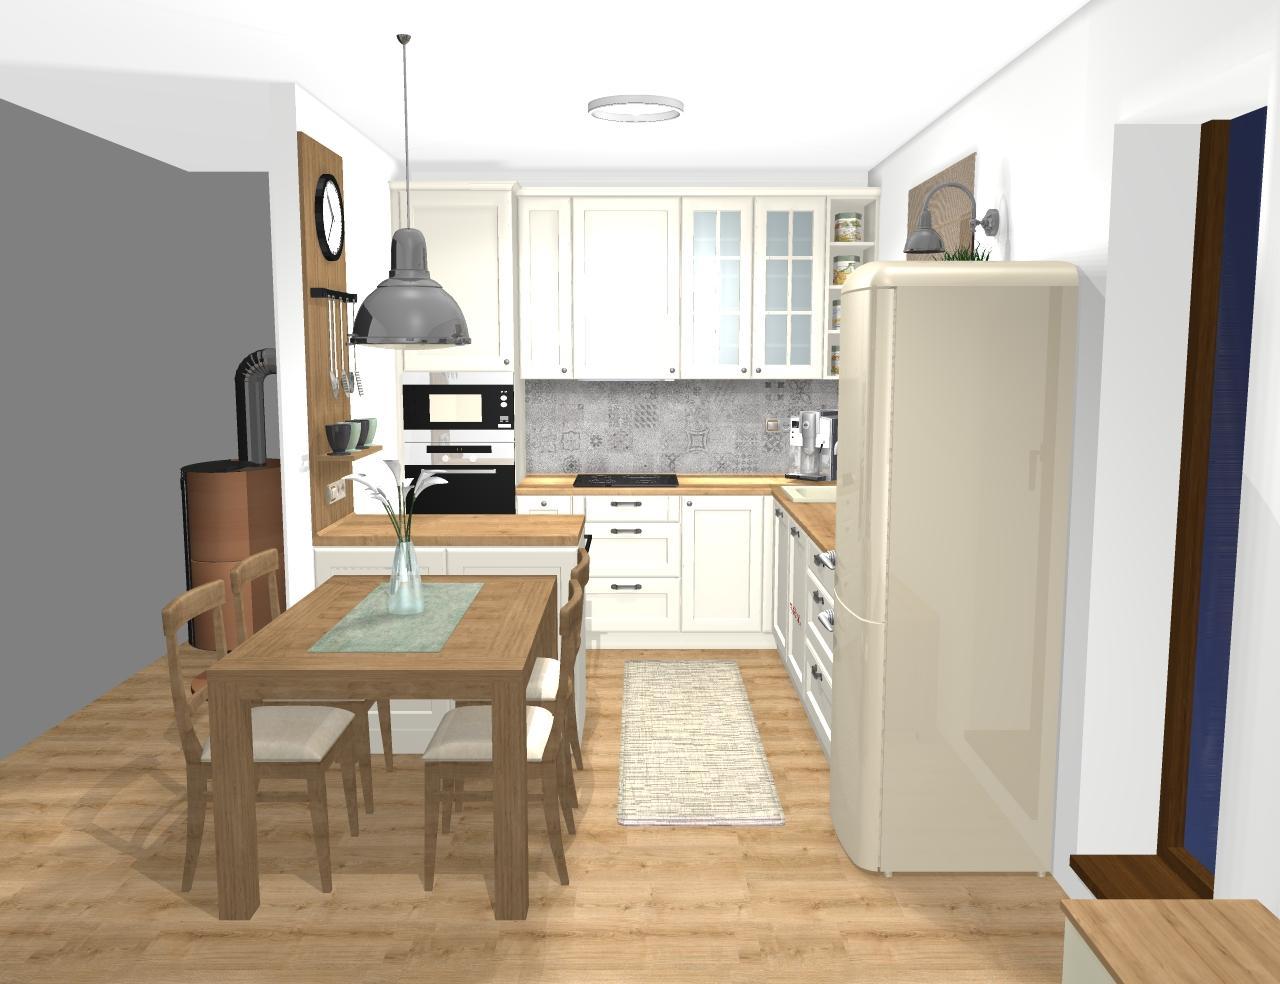 Grafické návrhy kuchynských liniek 2020 - Návrh kuchynskej linky do rodinného domu vo vidieckom štýle - obr.2